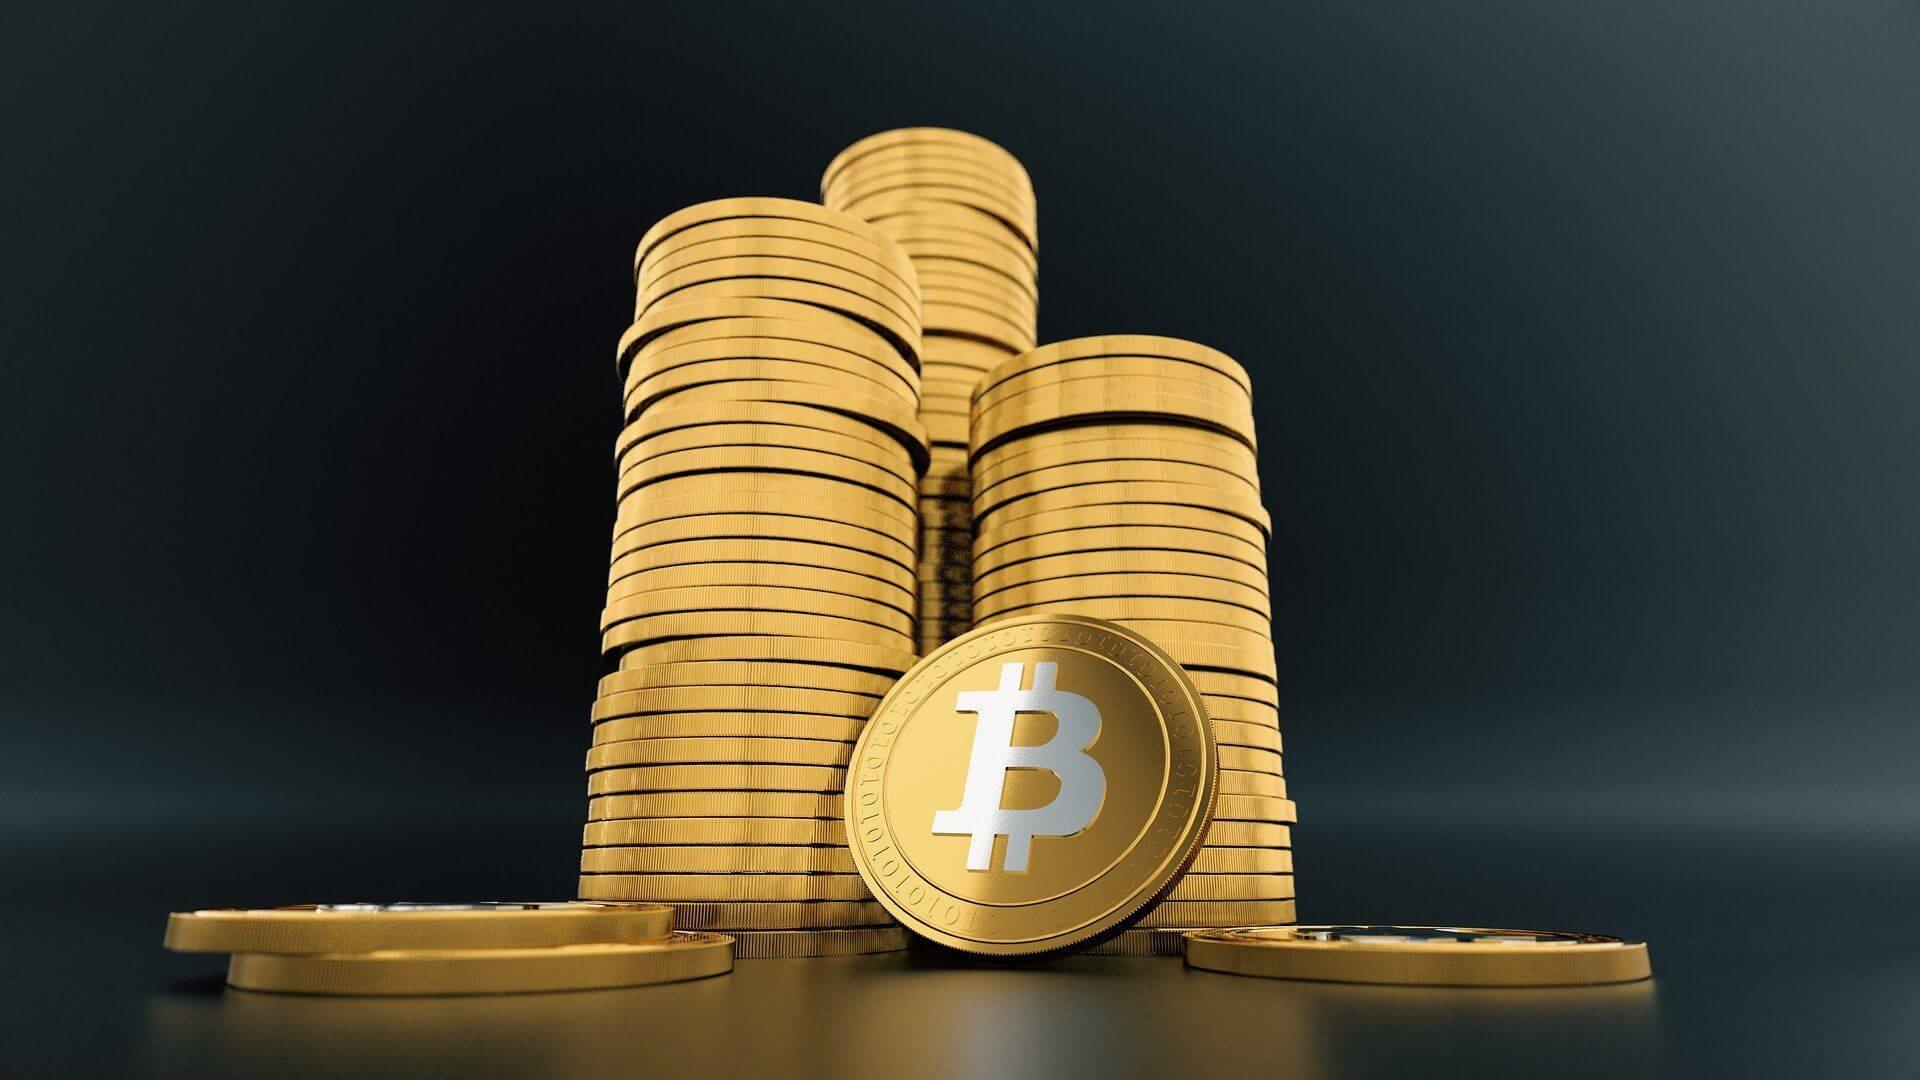 Al Sat Yapmak için En İyi 5 Kripto Para